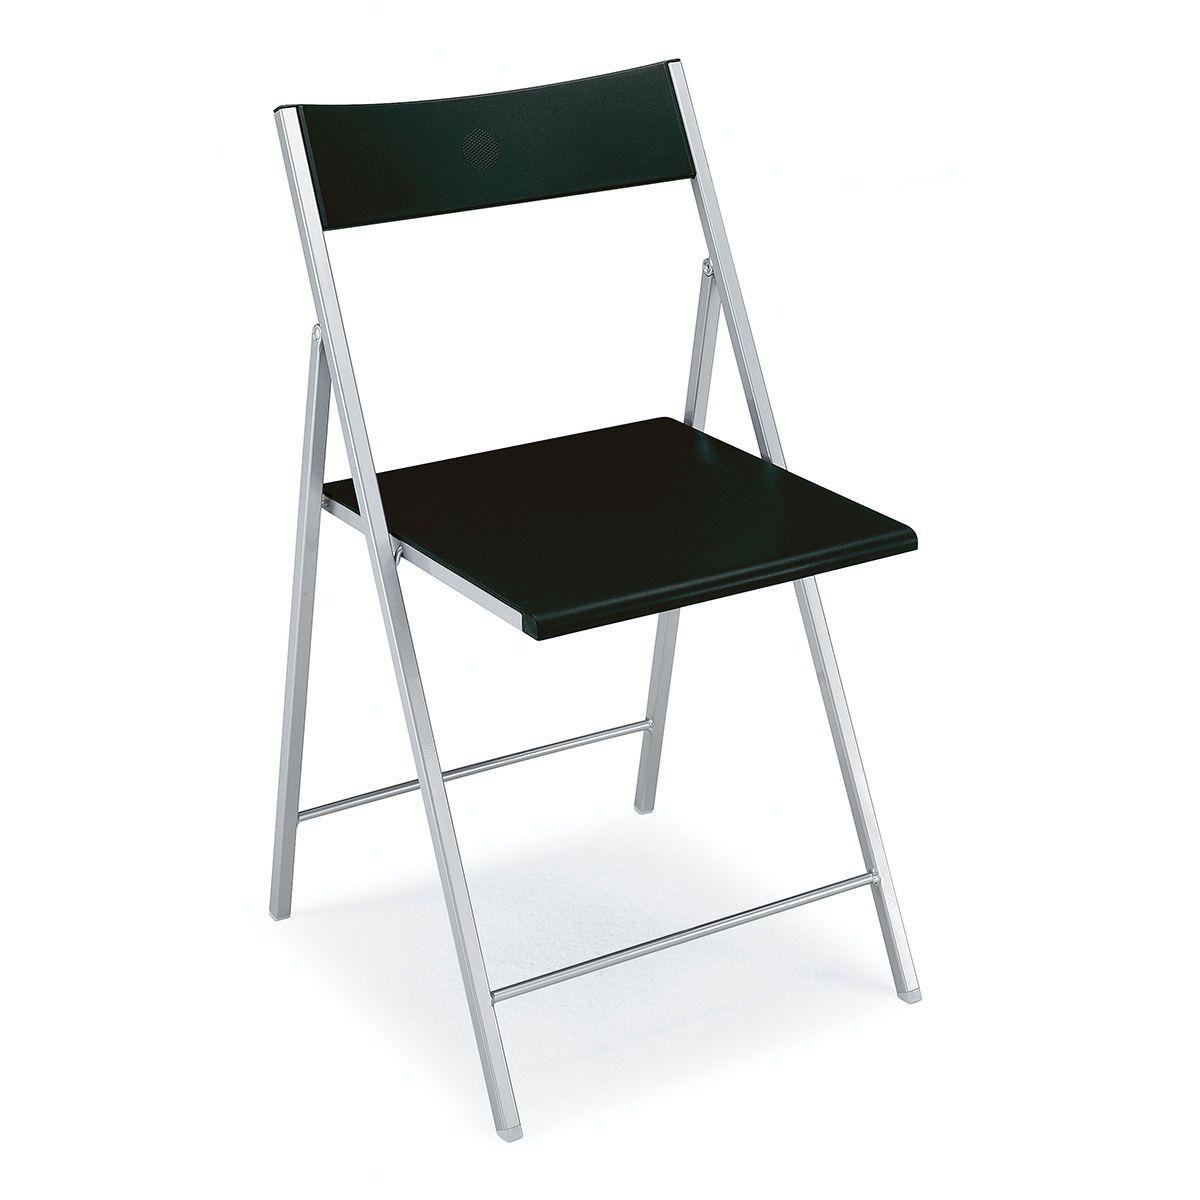 GRETA #sconto 50% #sedia #pieghevole #salvaspazio in metallo